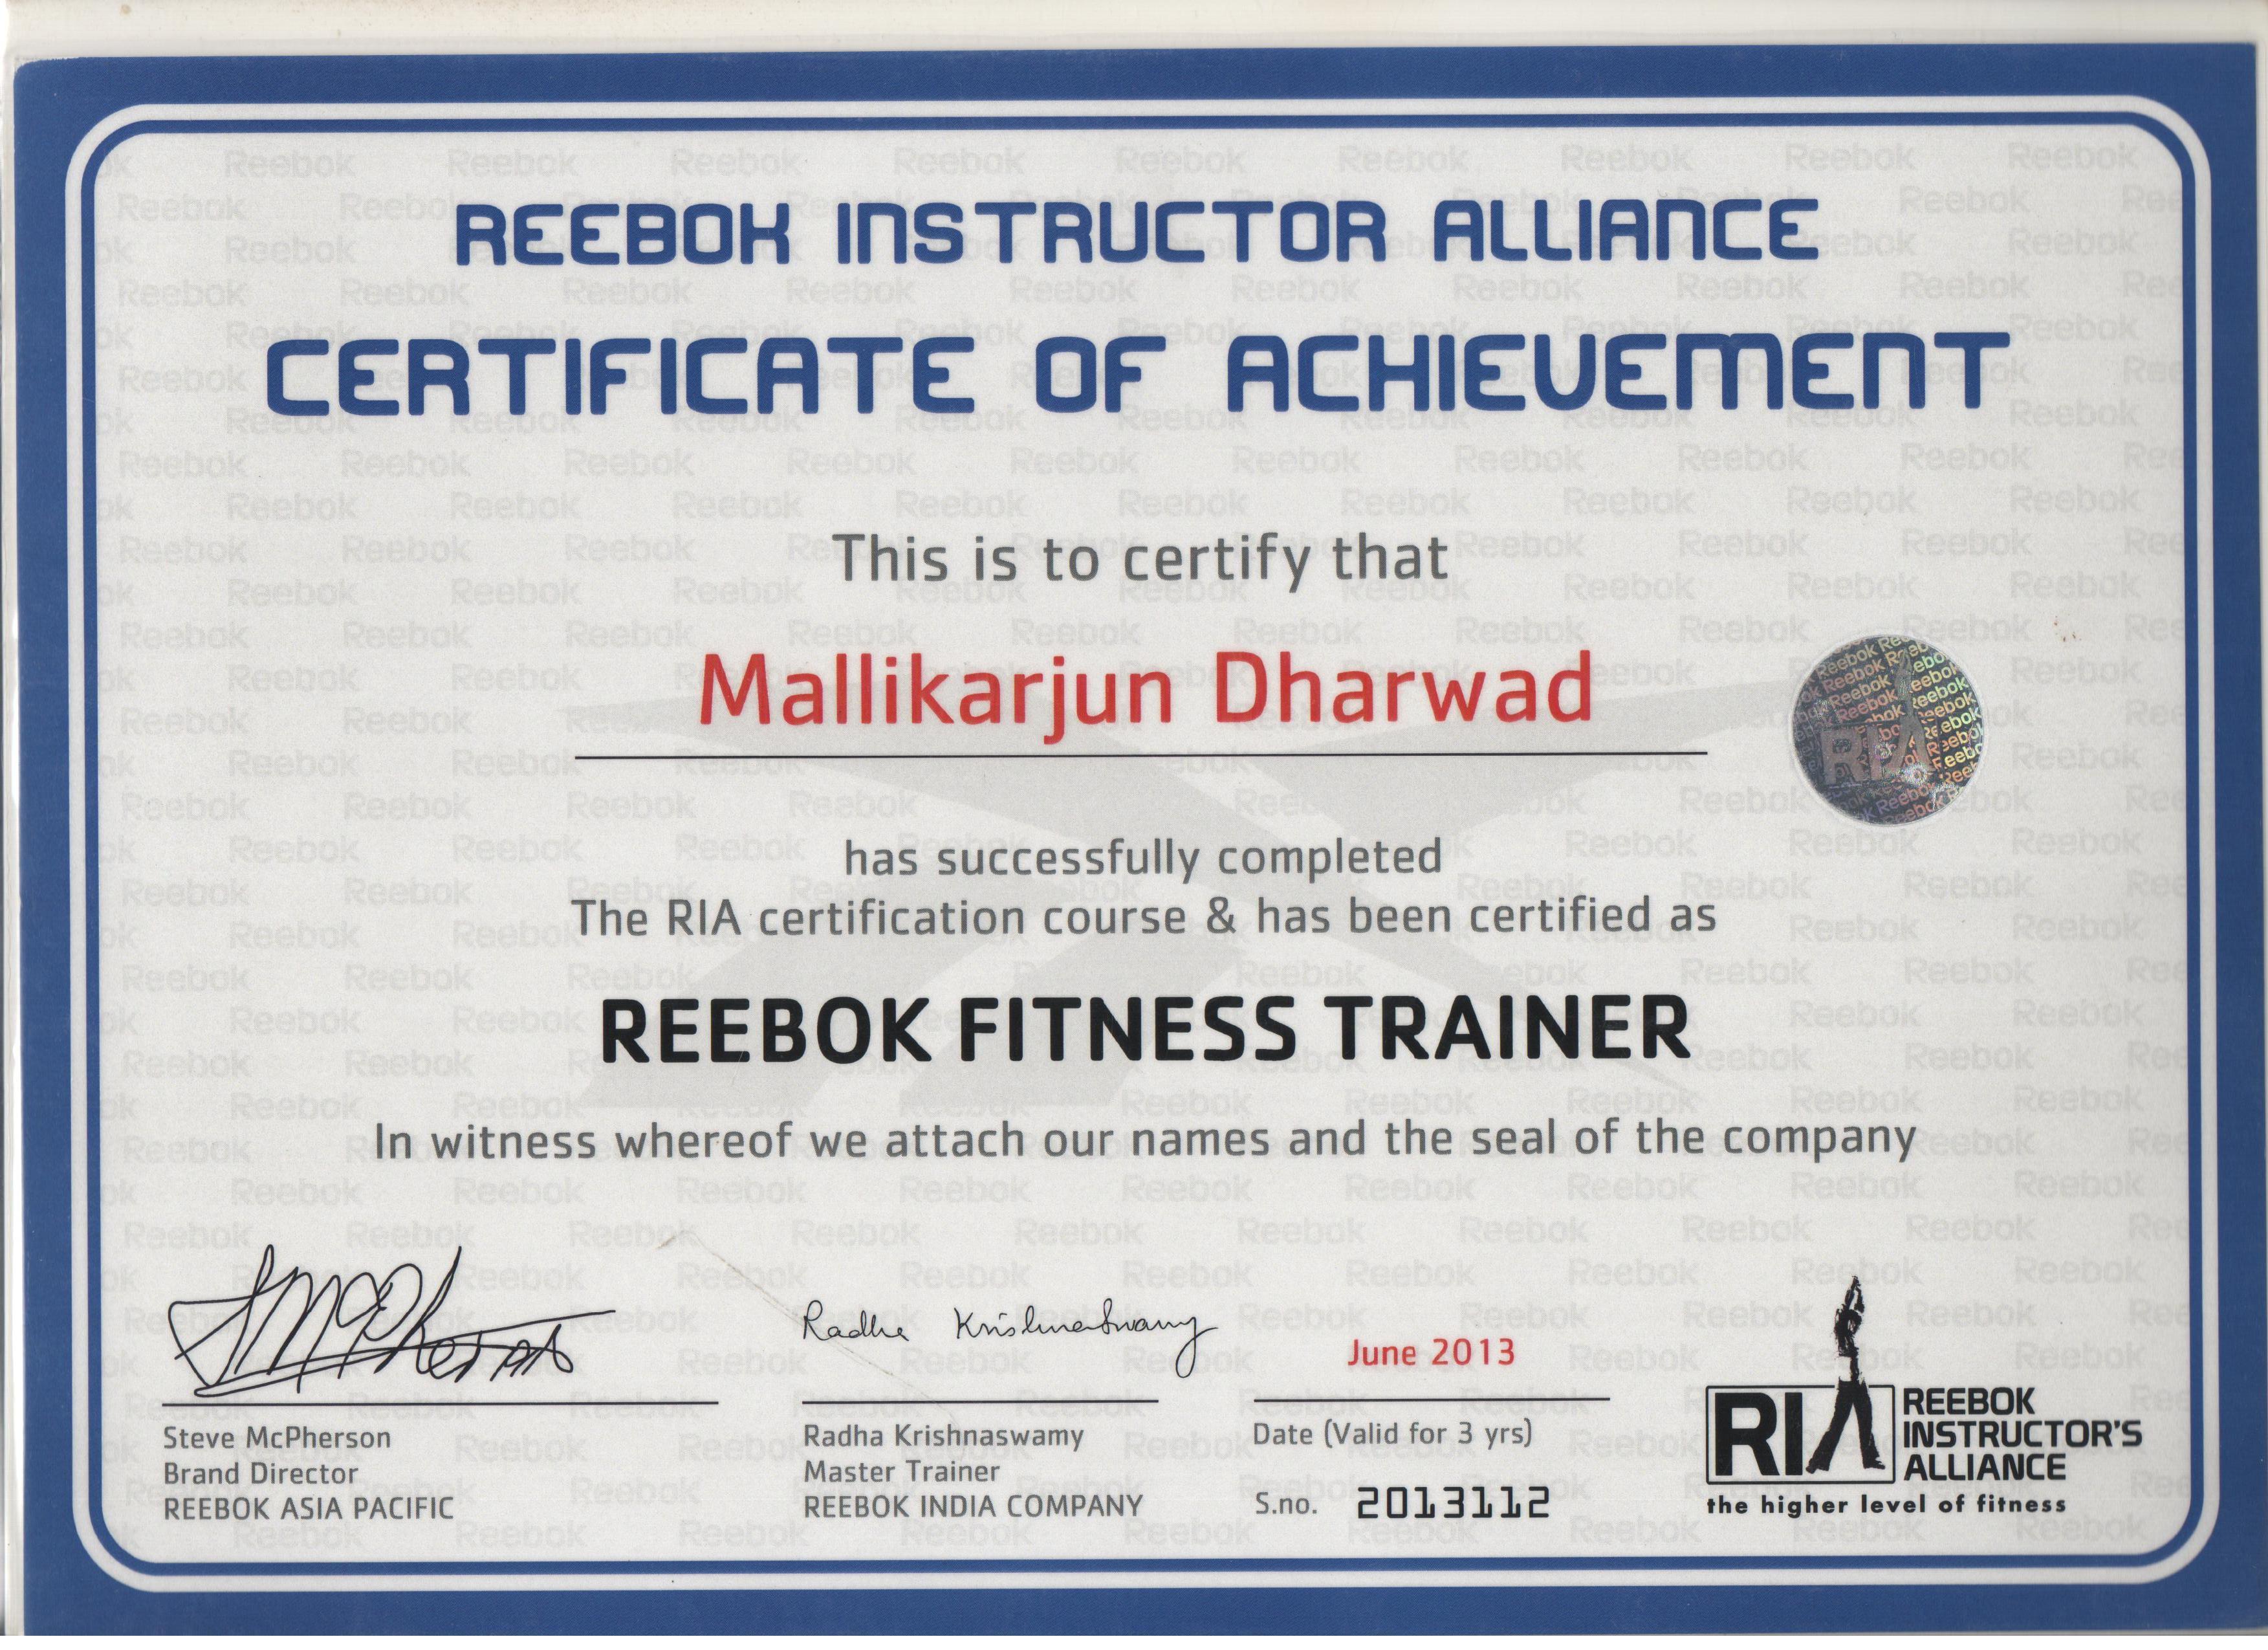 reebok certified trainer off 61% - www